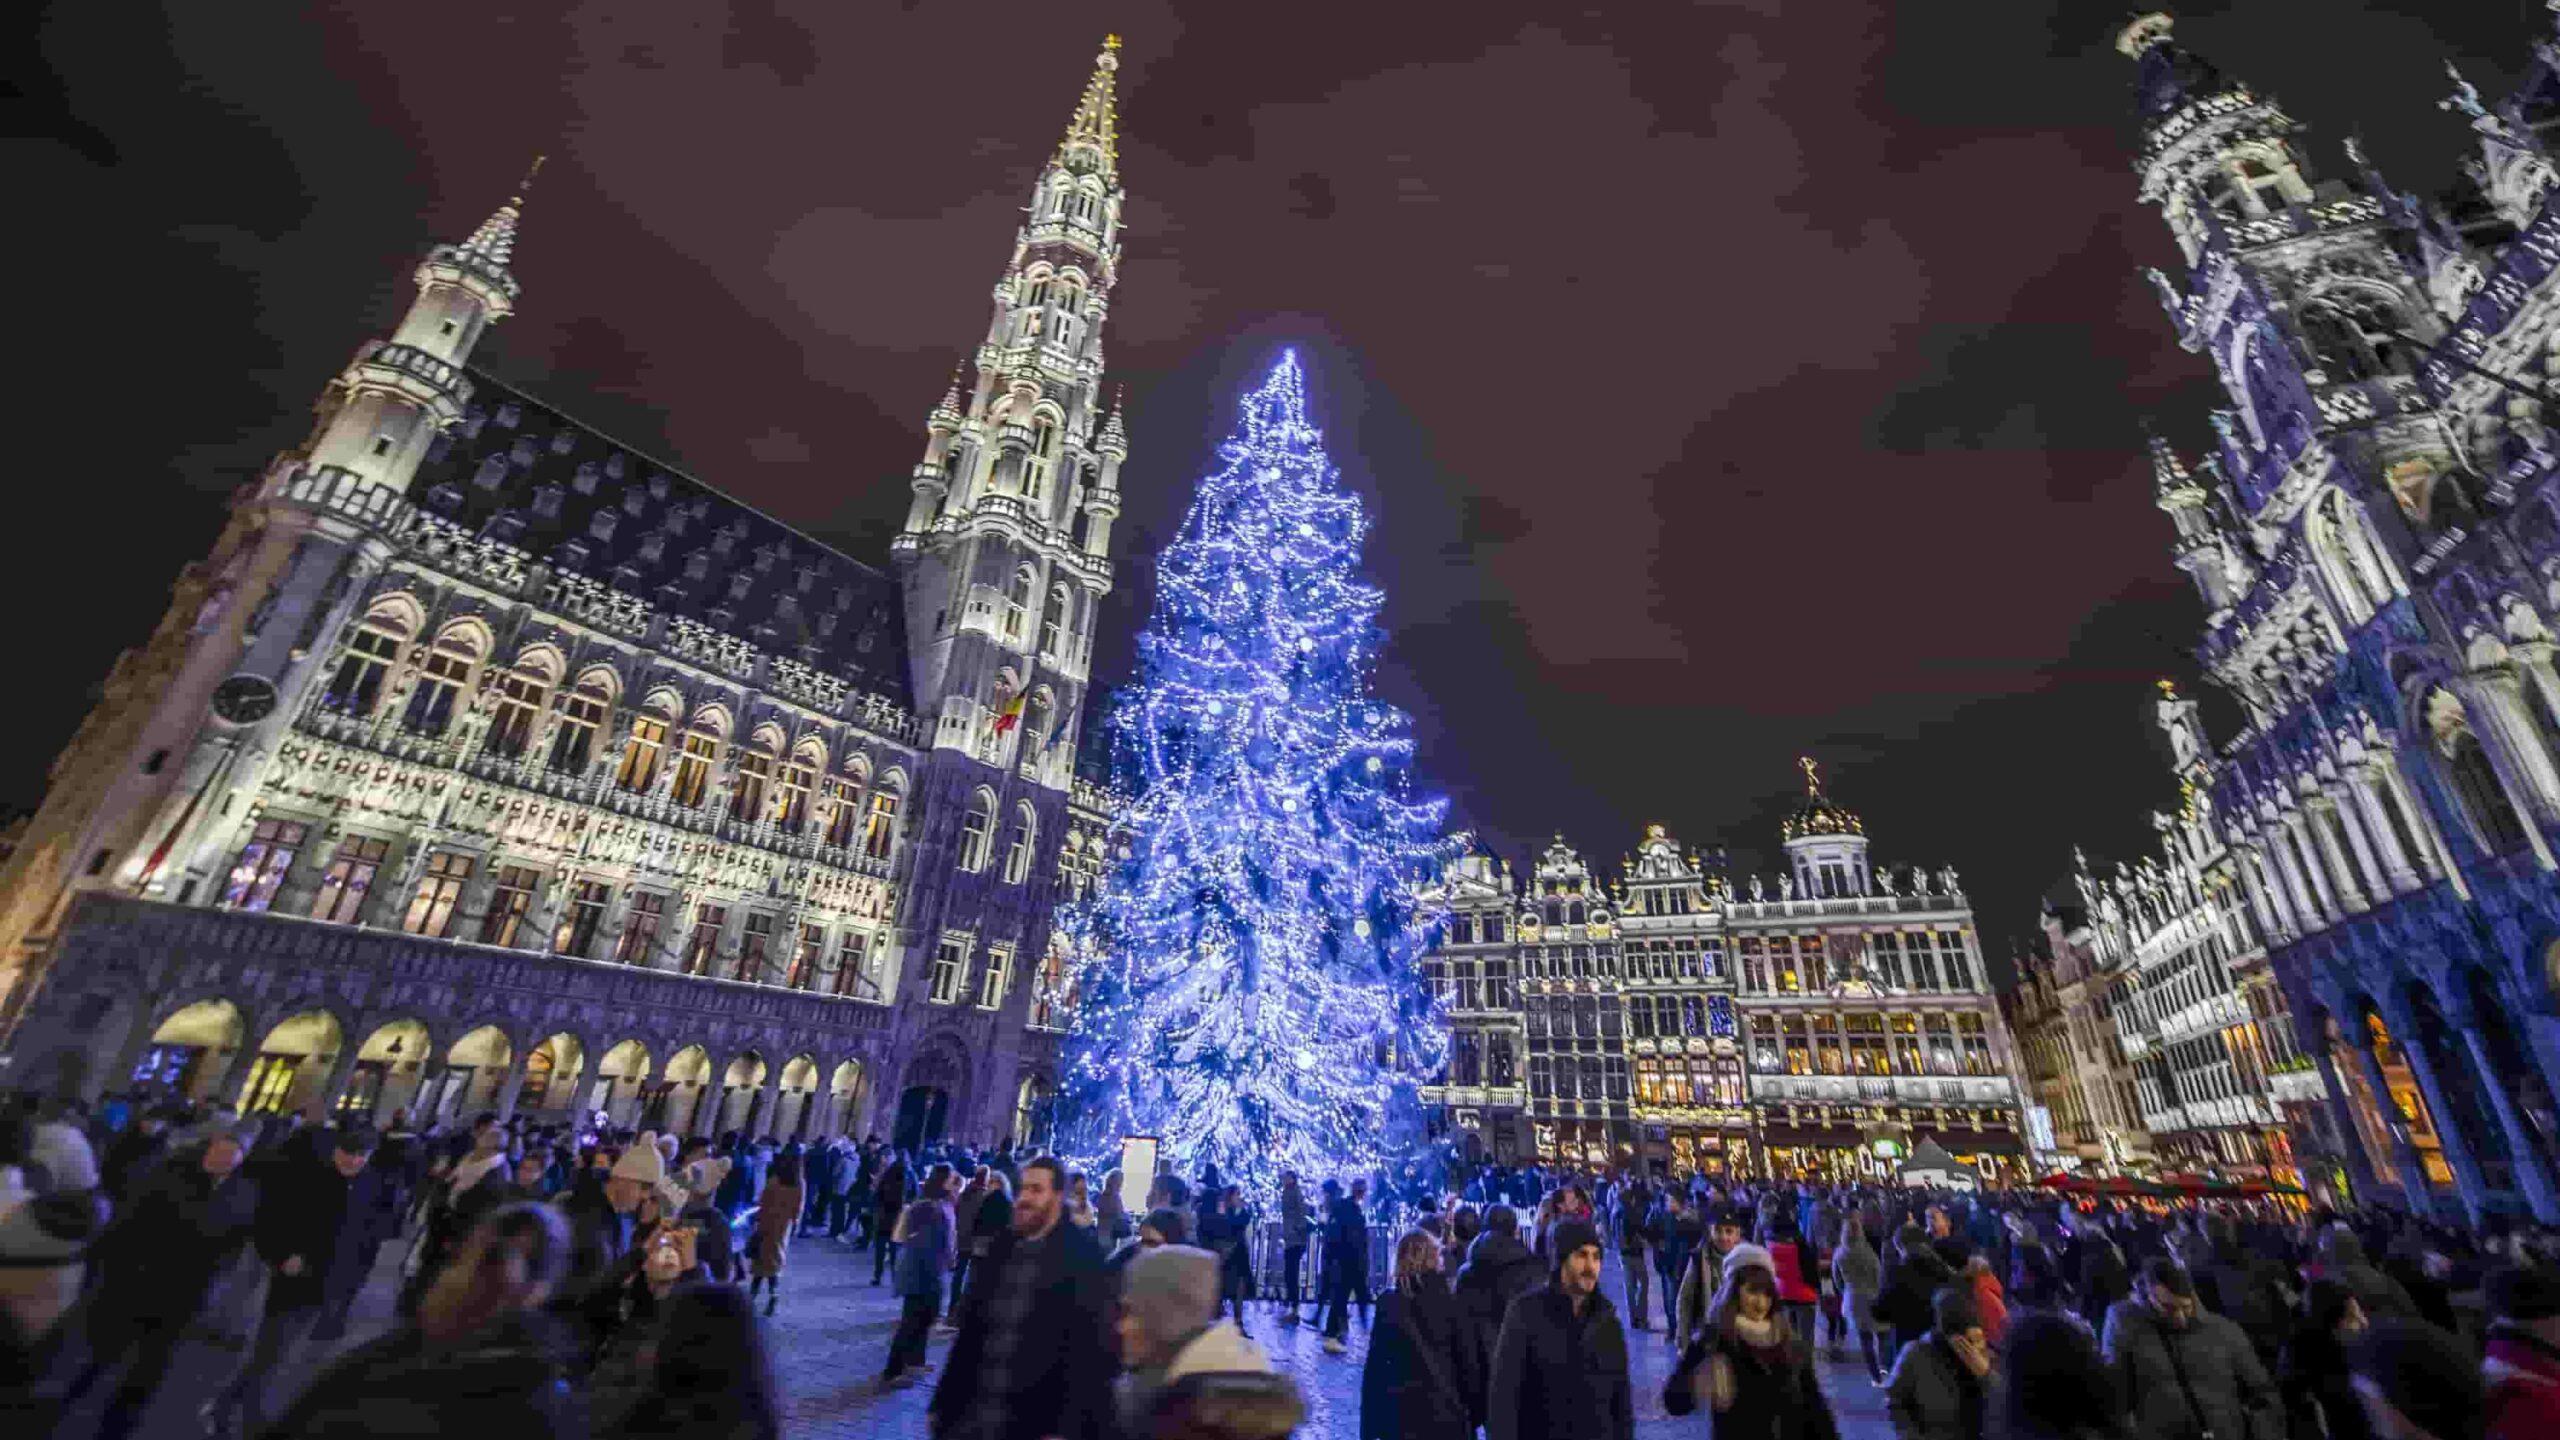 Tradiciones navideñas belgas